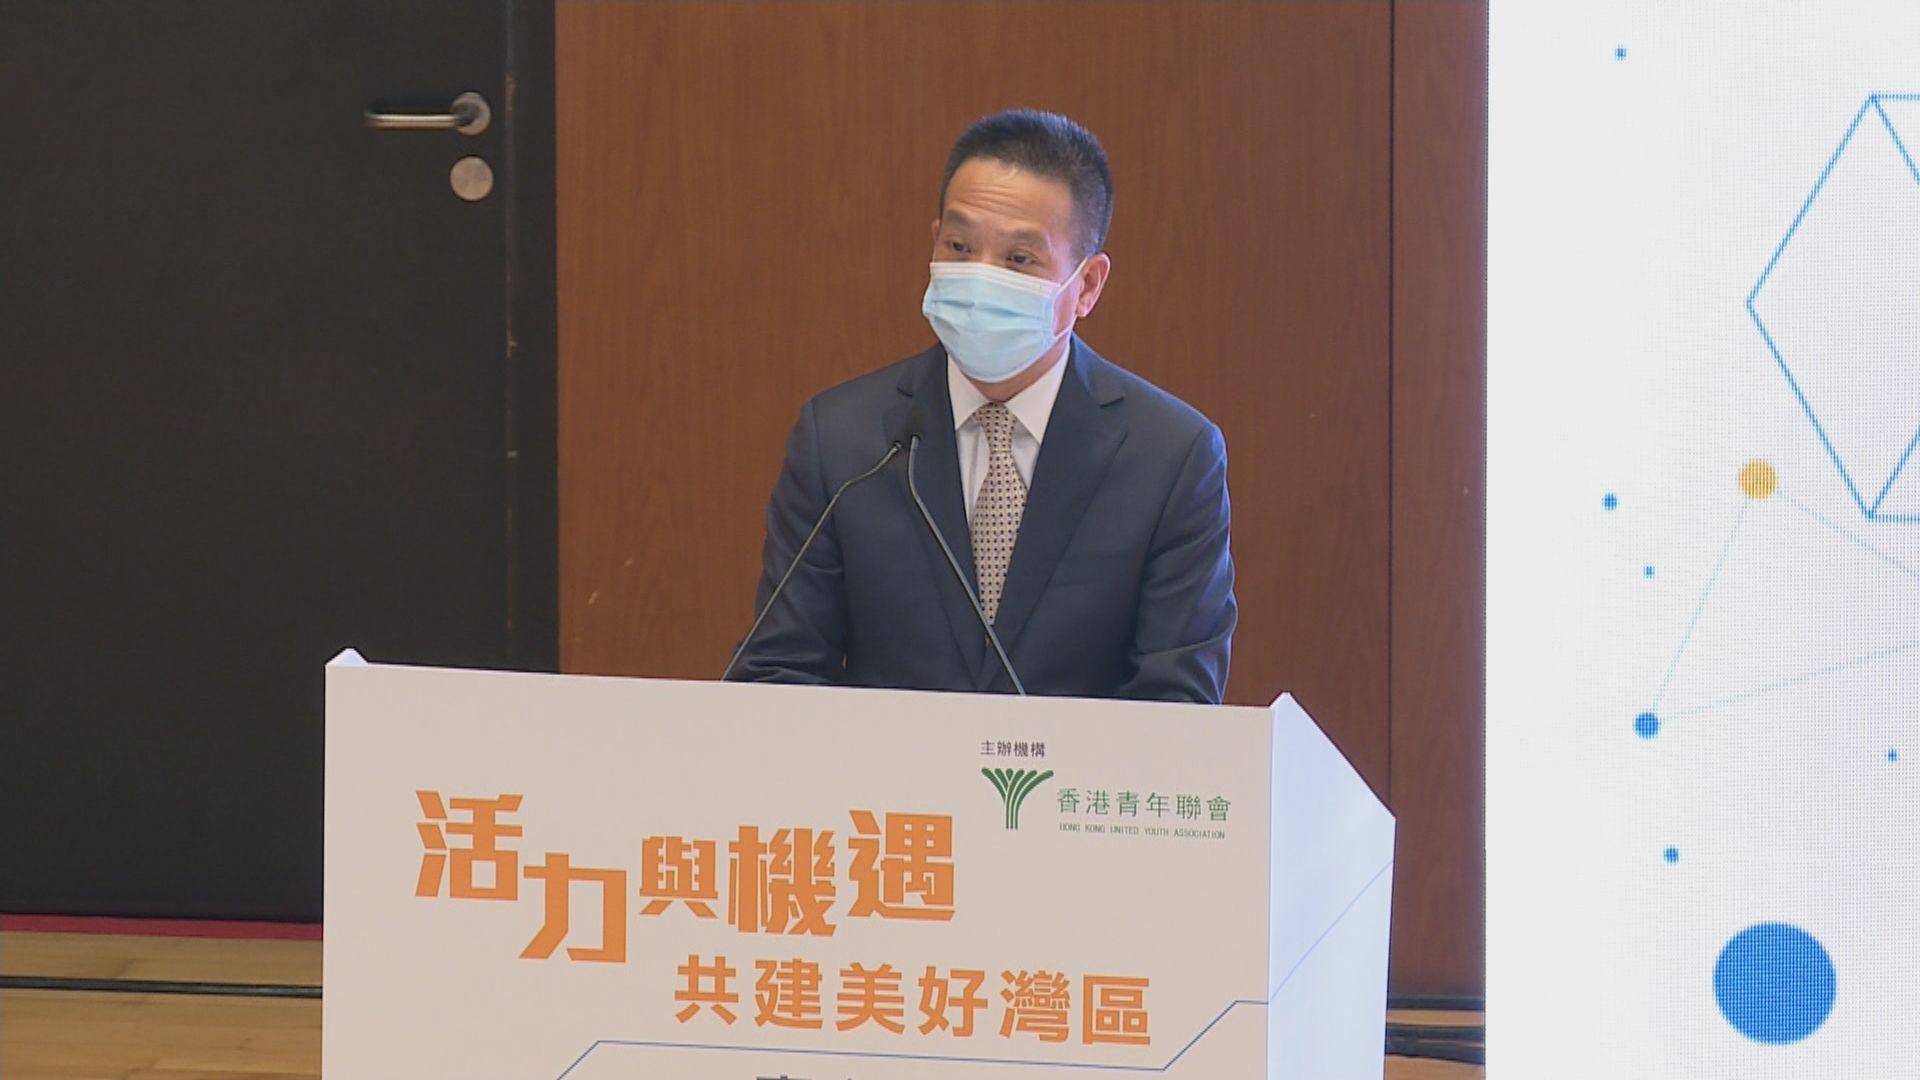 港澳辦副主任黃柳權繼續訪港行程出席青年活動